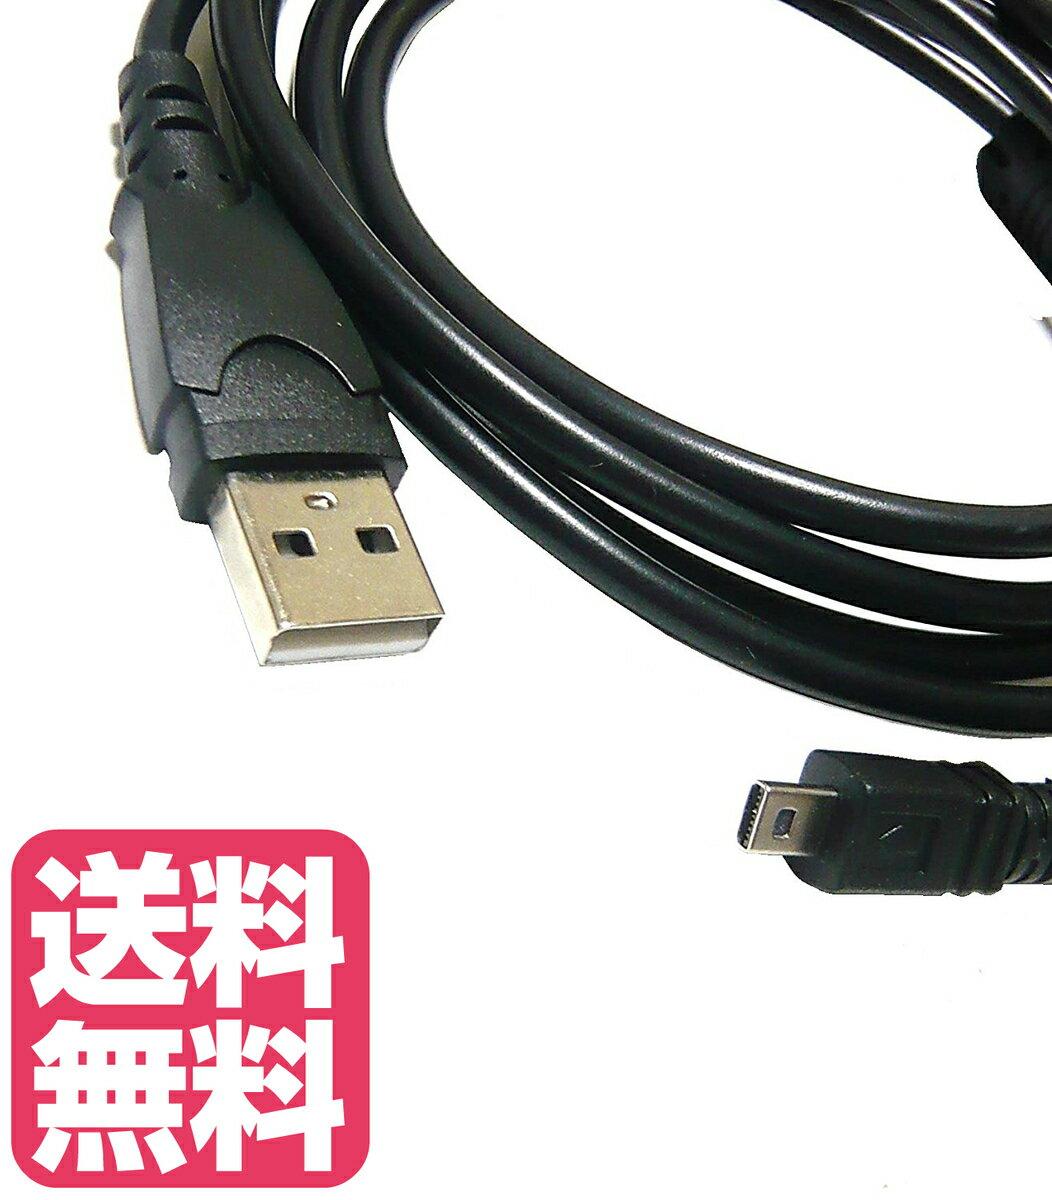 送料無料 ニコン用USBケーブル UC-E6互換品 NikonUSBケーブル Nikon専用 USBコネクタ USB充電ケーブル 充電コネクター USBアダプター カメラ用ケーブル デジカメ デジタルカメラ コンパクトデジタルカメラ COOLPIXシリーズ